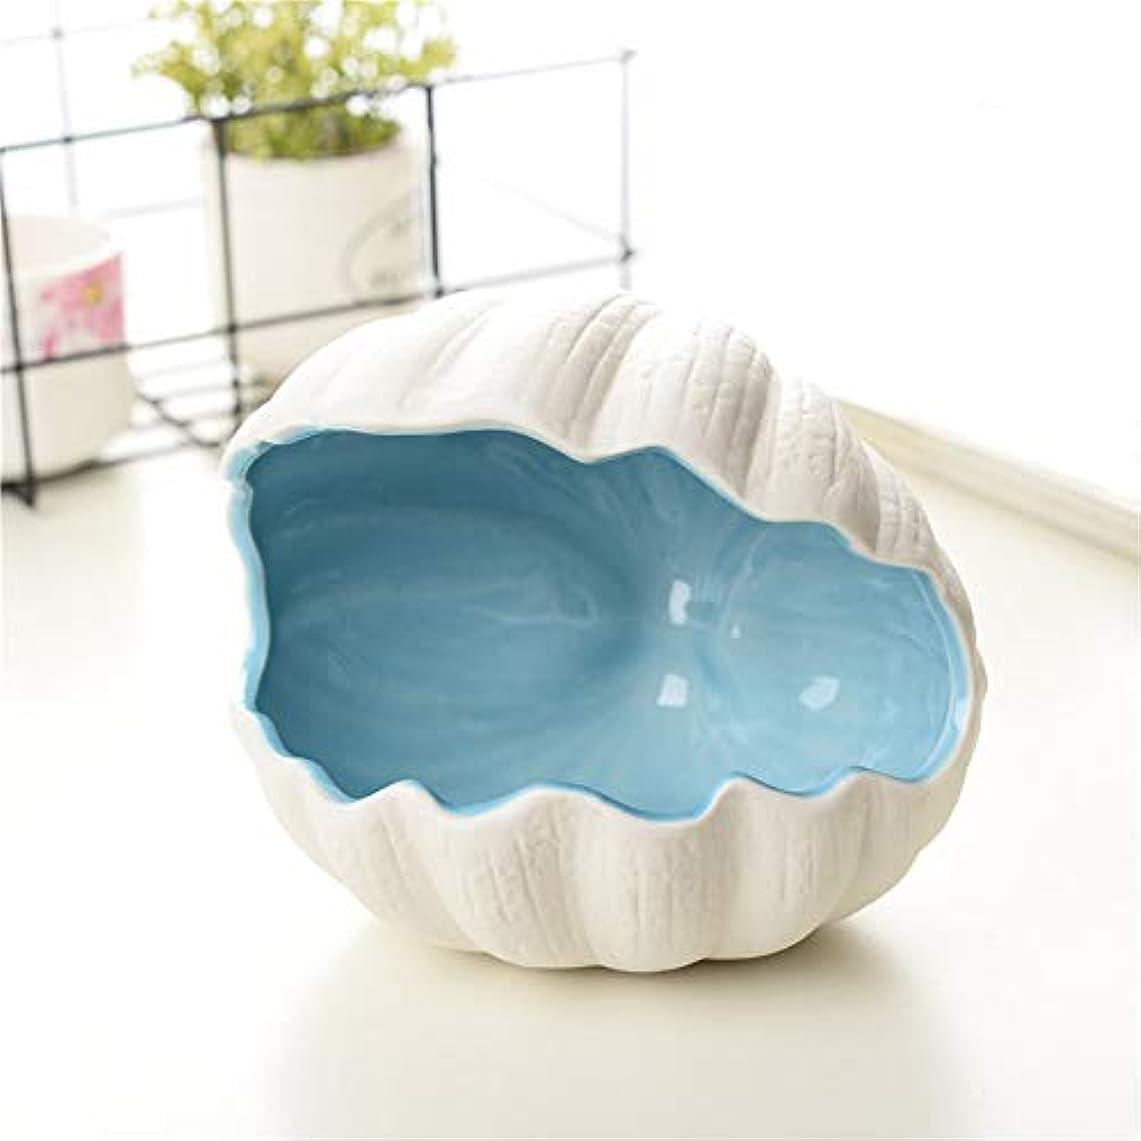 甘いジャンル置き場タバコ、ギフトおよびホームオフィスの装飾のための灰皿セラミックシェル灰皿 (色 : 青)